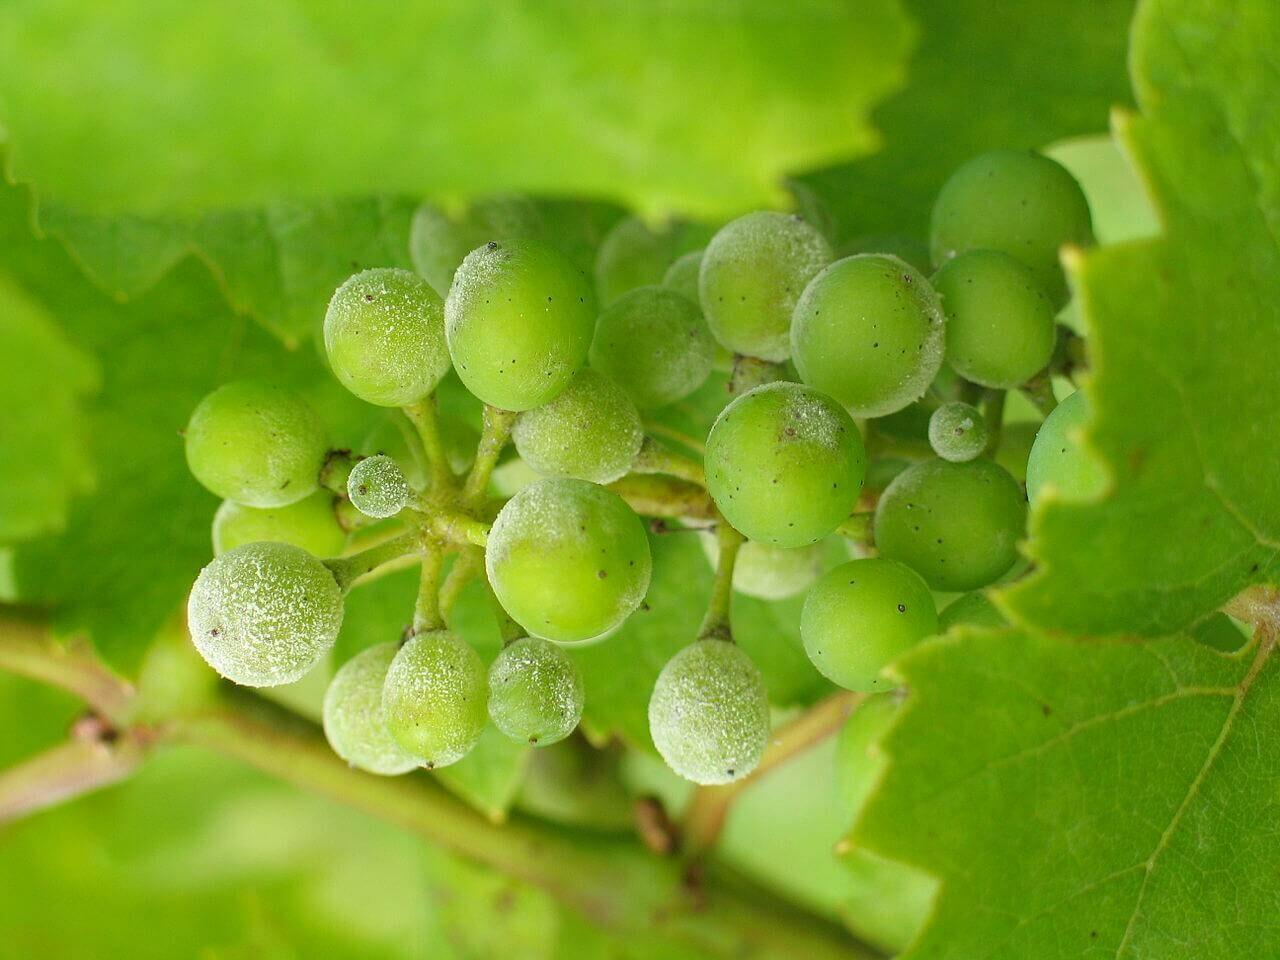 Szőlő lisztharmat jele a fiatal gyümölcsökön